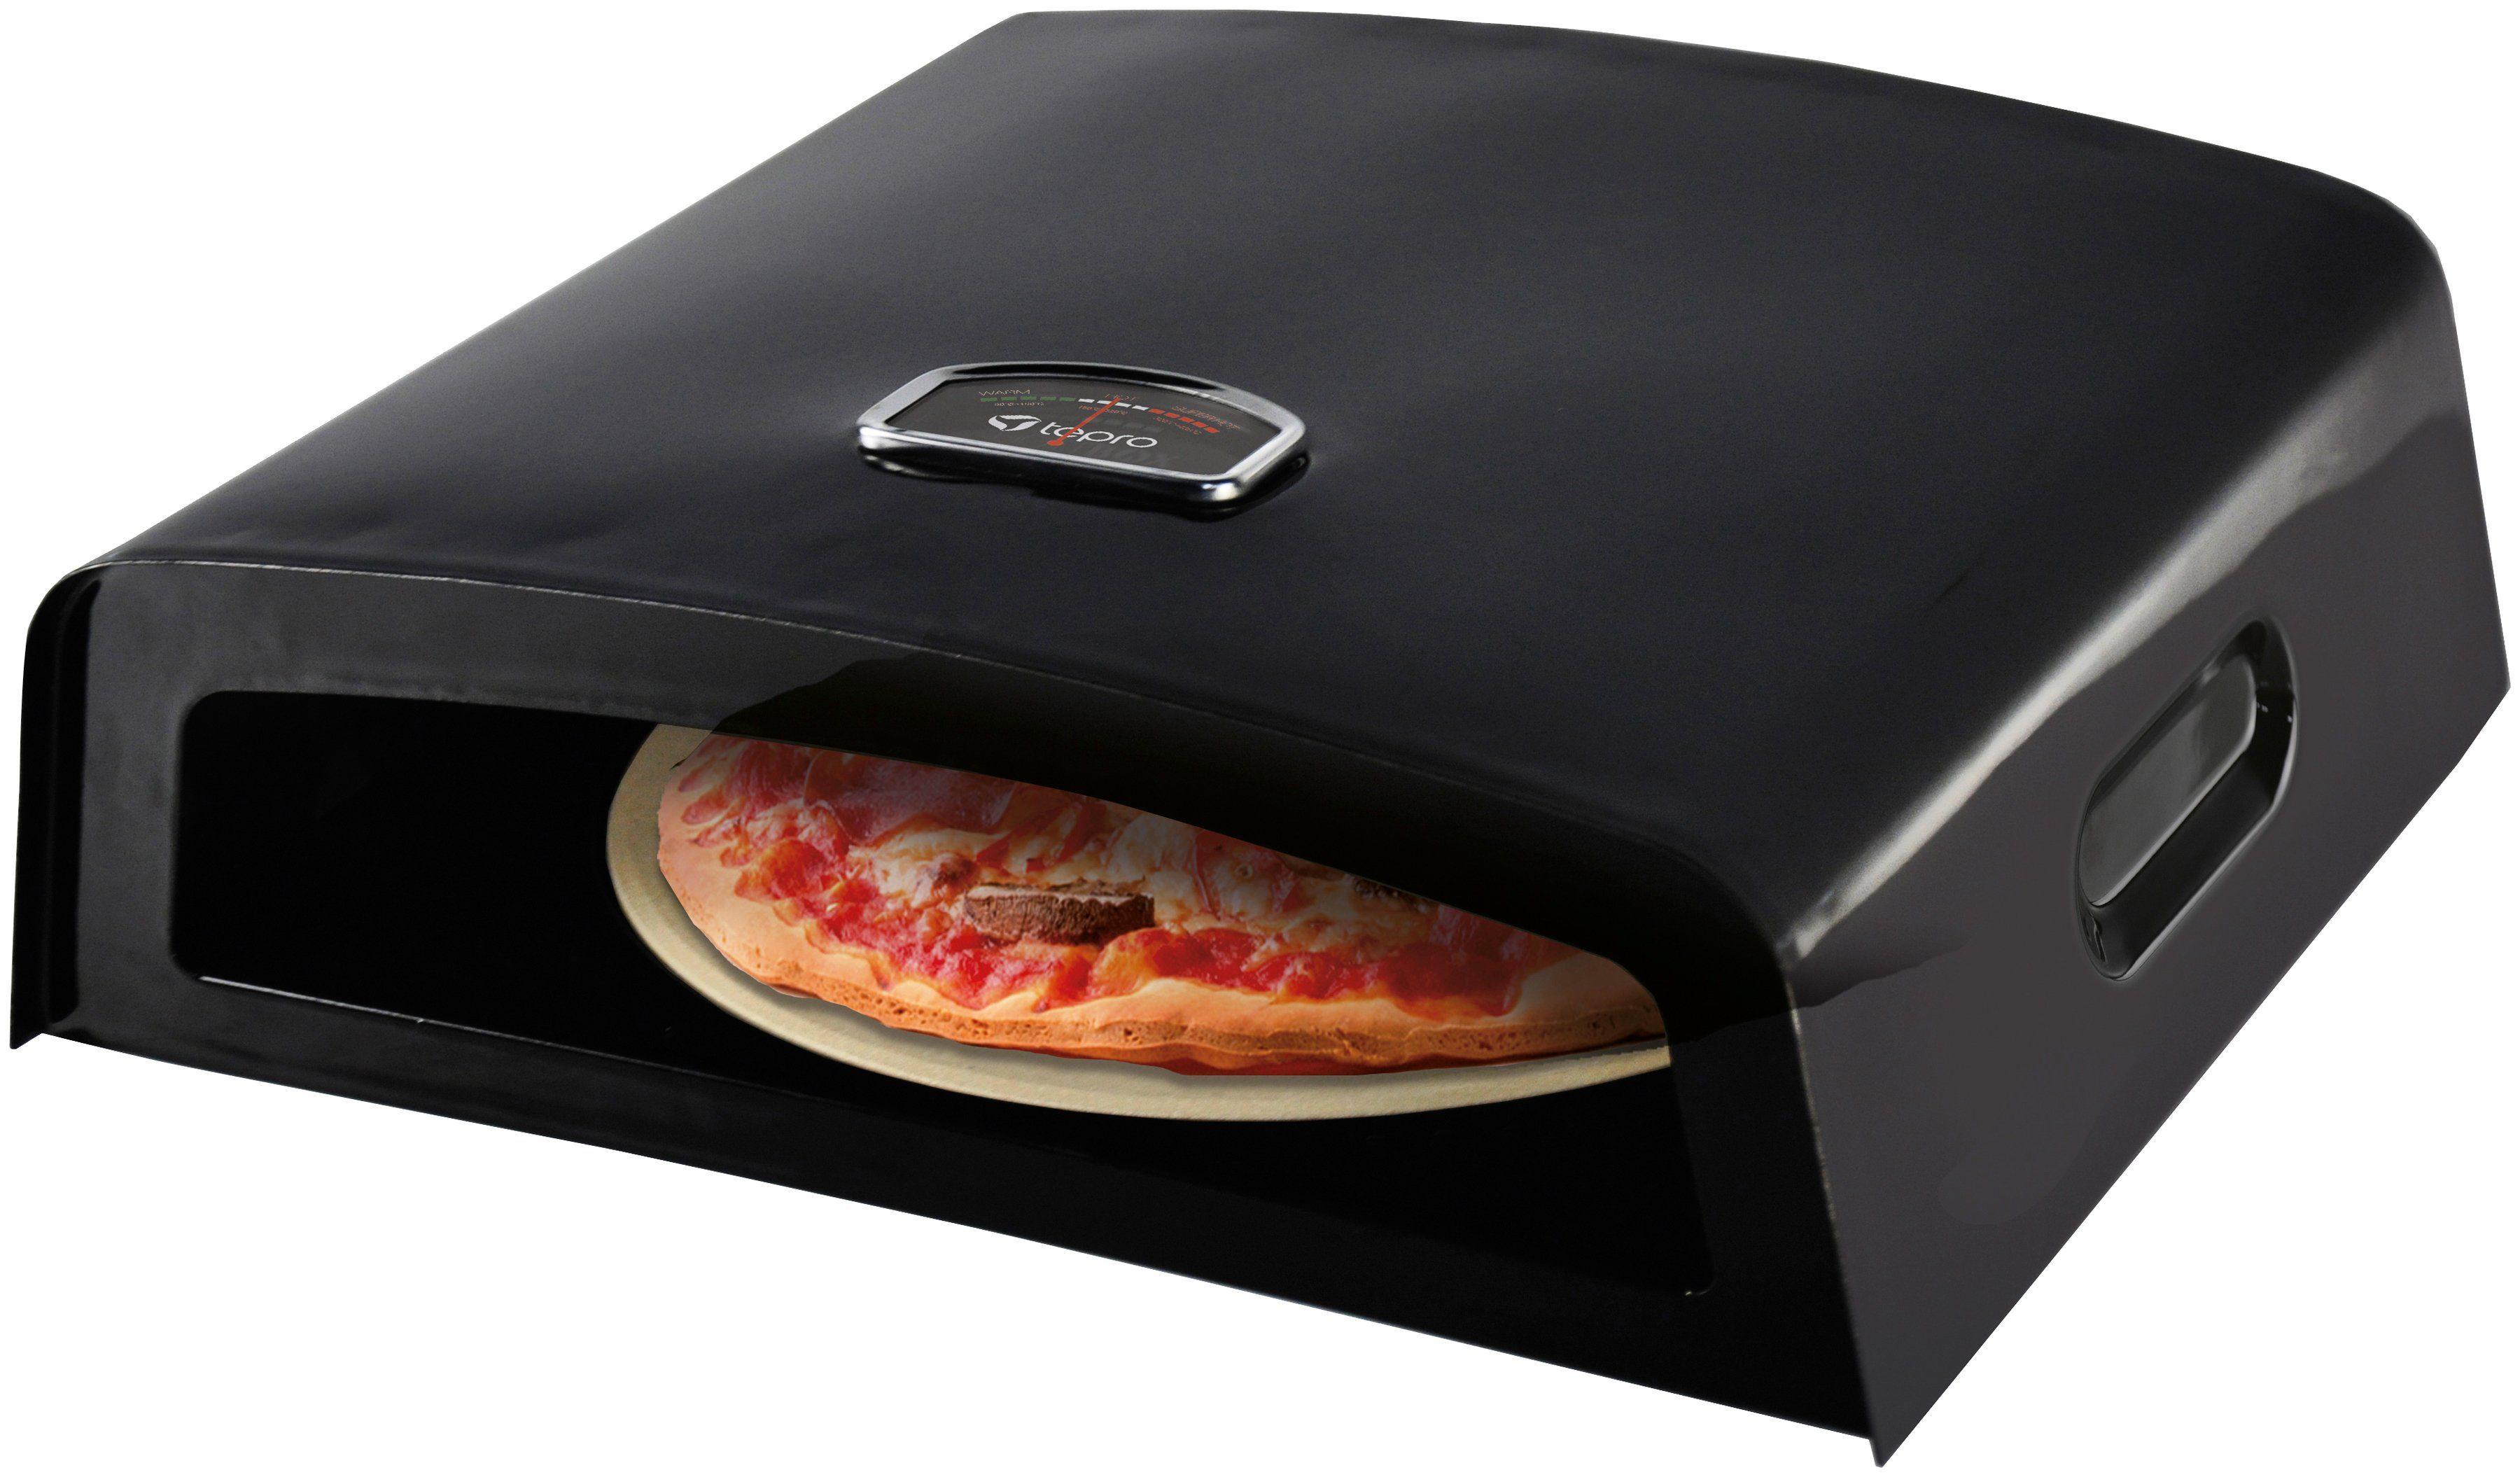 Pizzaofen Für Gasgrill : Tepro pizzaofen aufsatz für holz und gasgrill otto